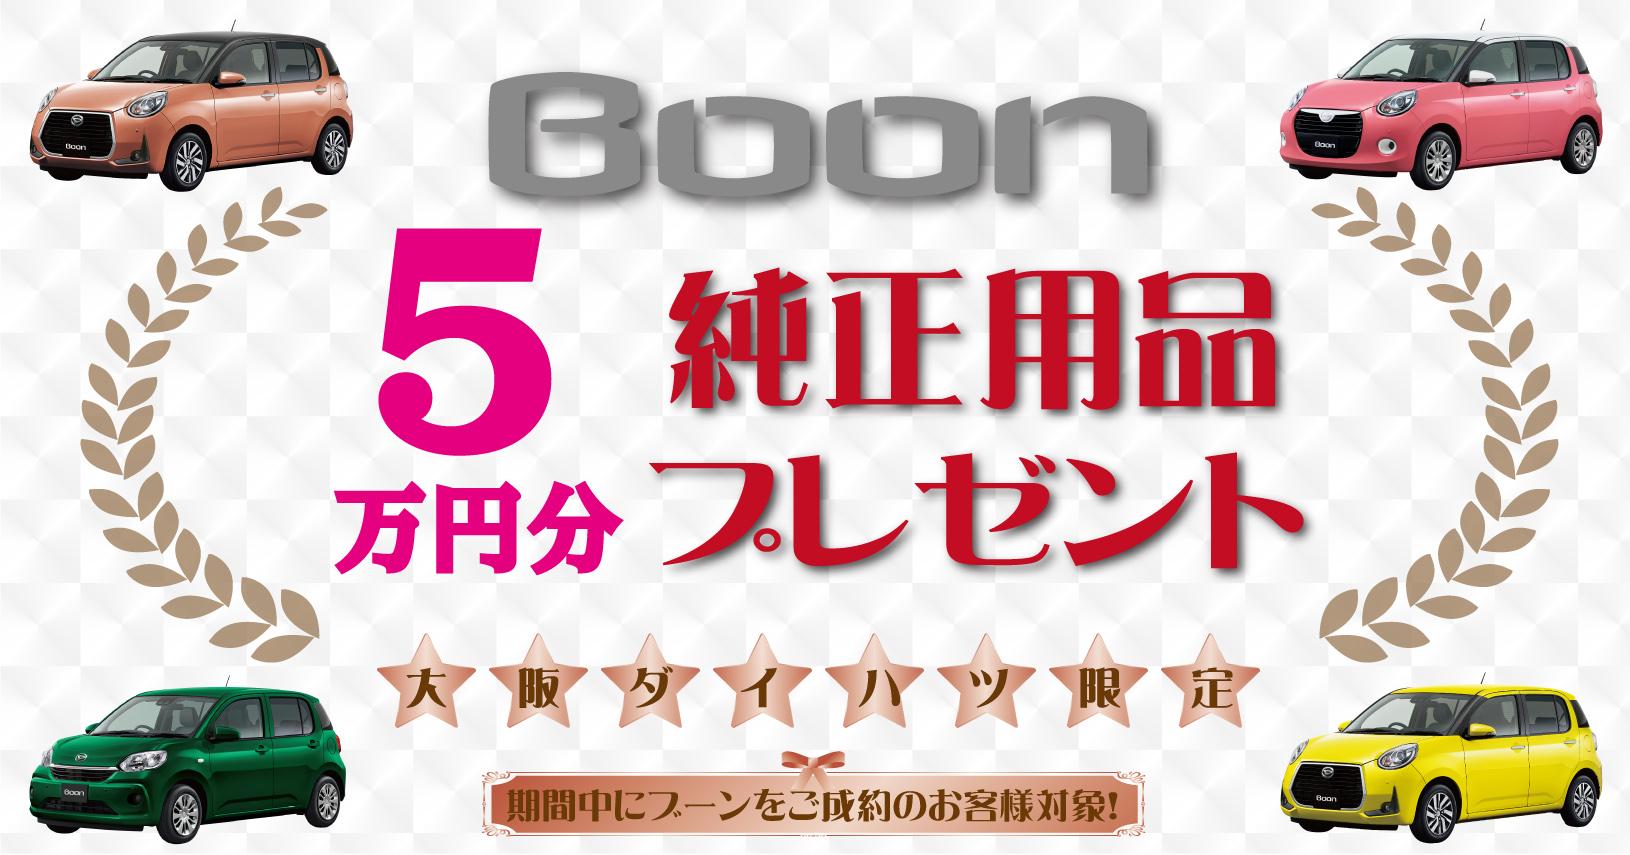 ブーン用品5万円分プレゼント